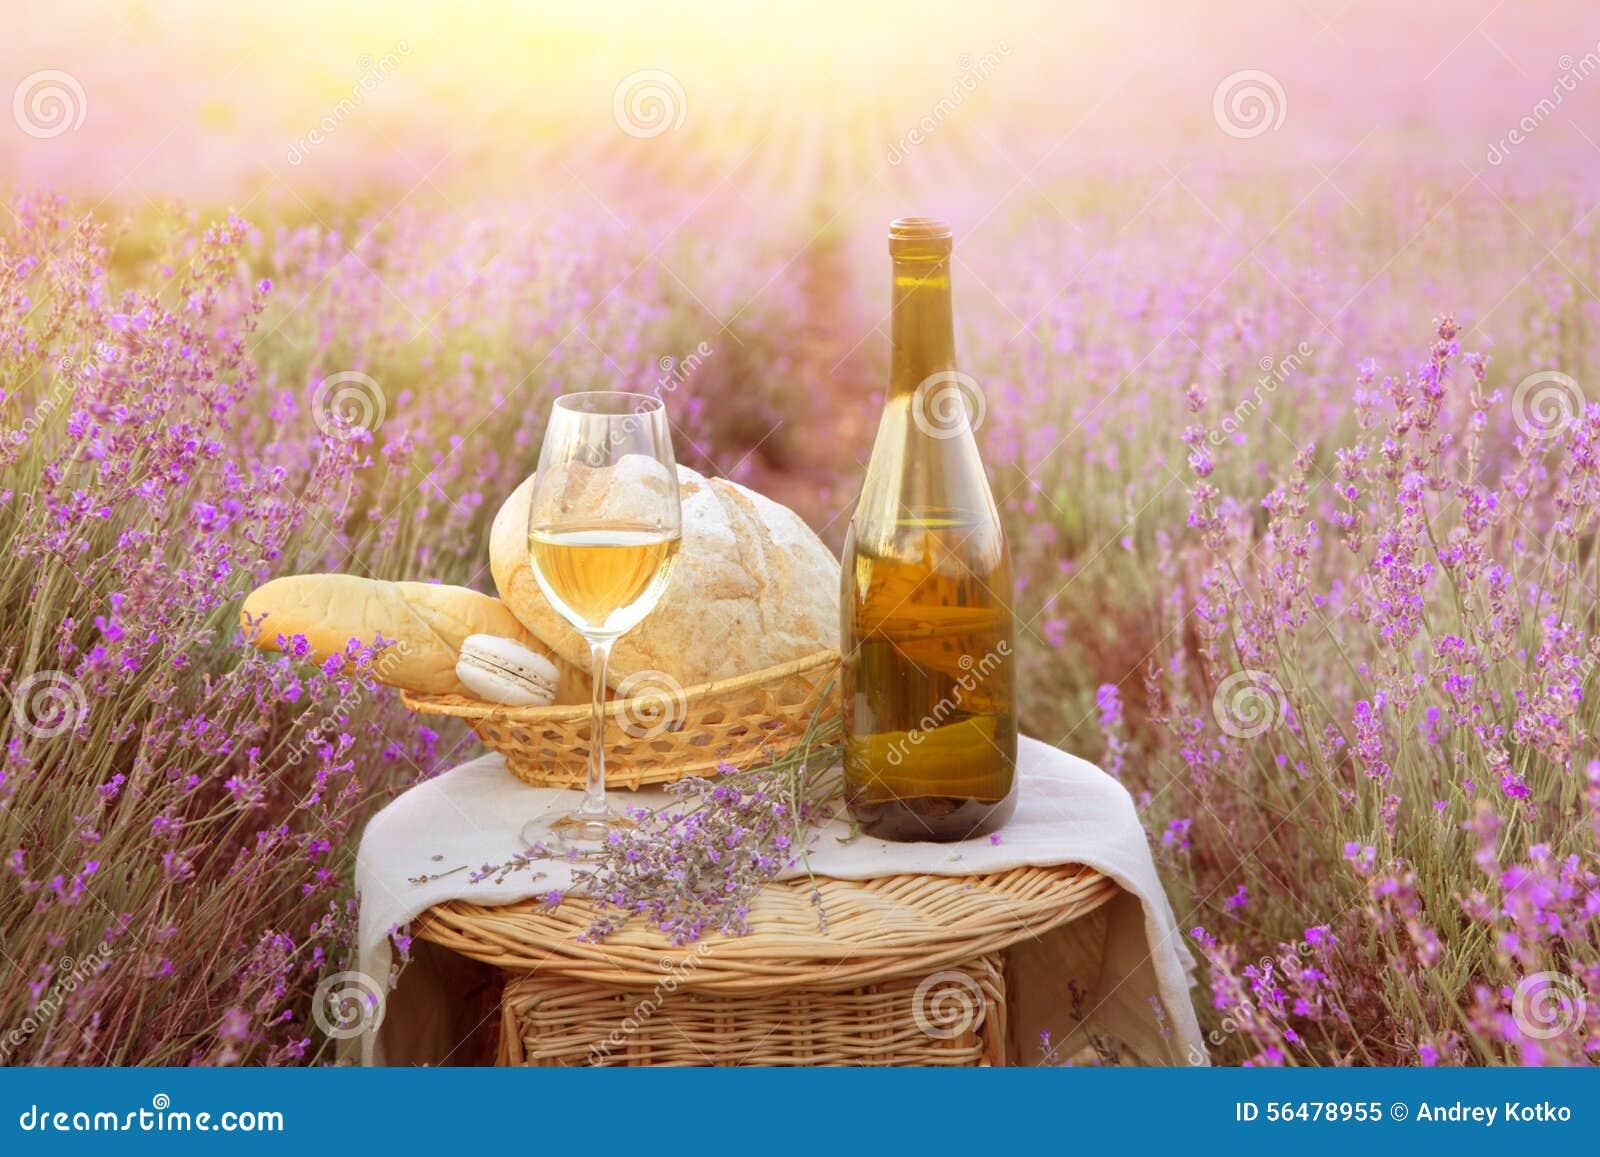 Bouteille de vin contre la lavande